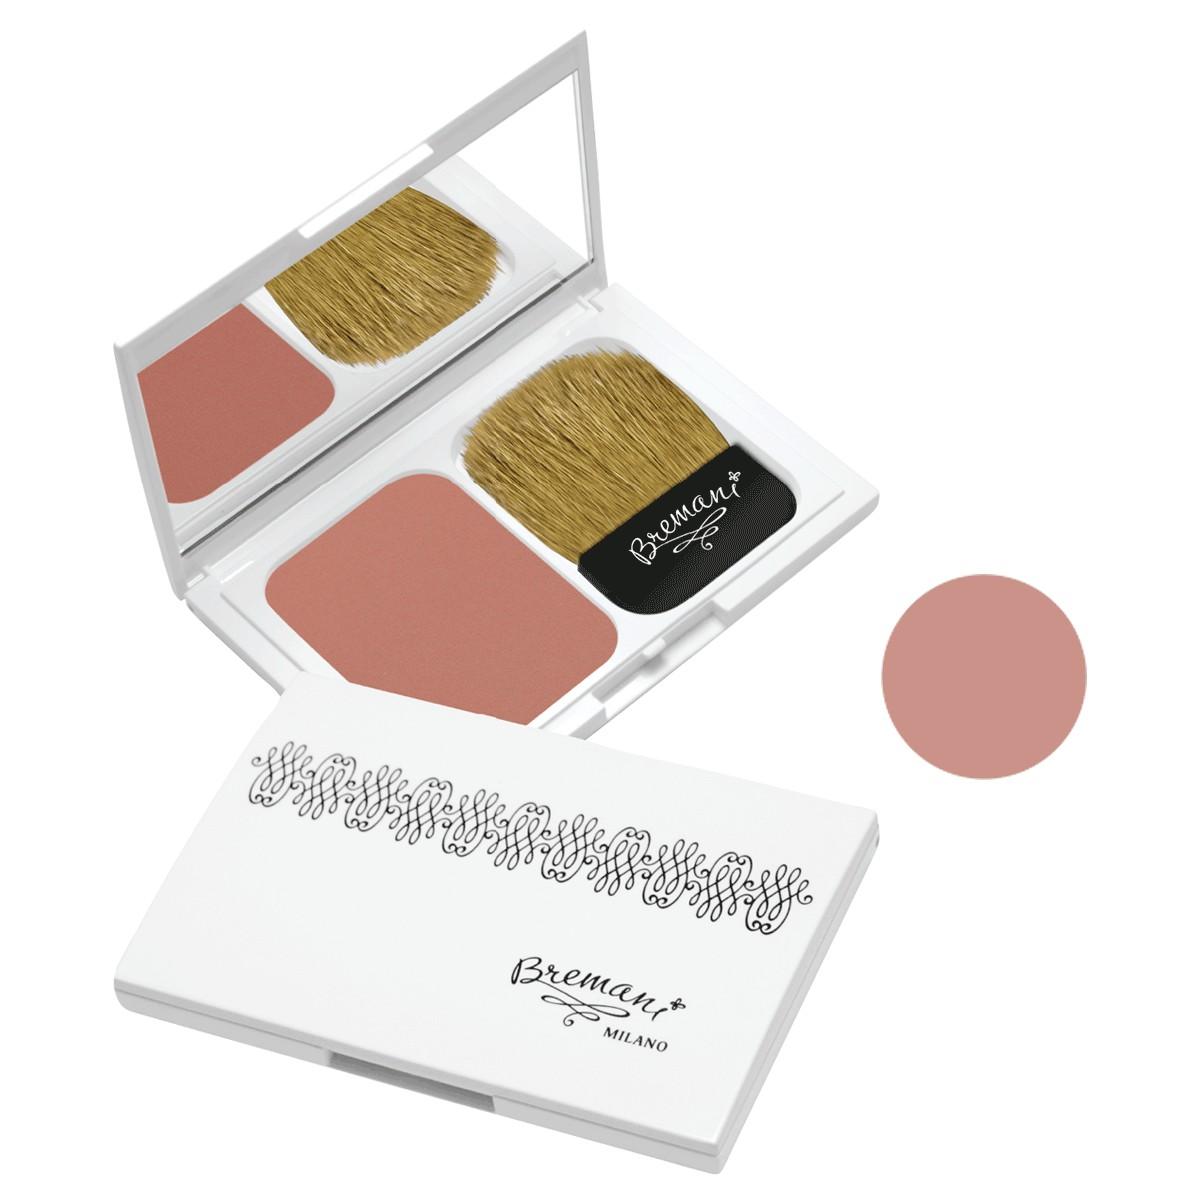 Набор 1+1: Compact Blusher Rosy Musk [62102] (1 шт) + Compact Powder Powdered Sugar [62202] (1 шт) (годен до 10.2017)